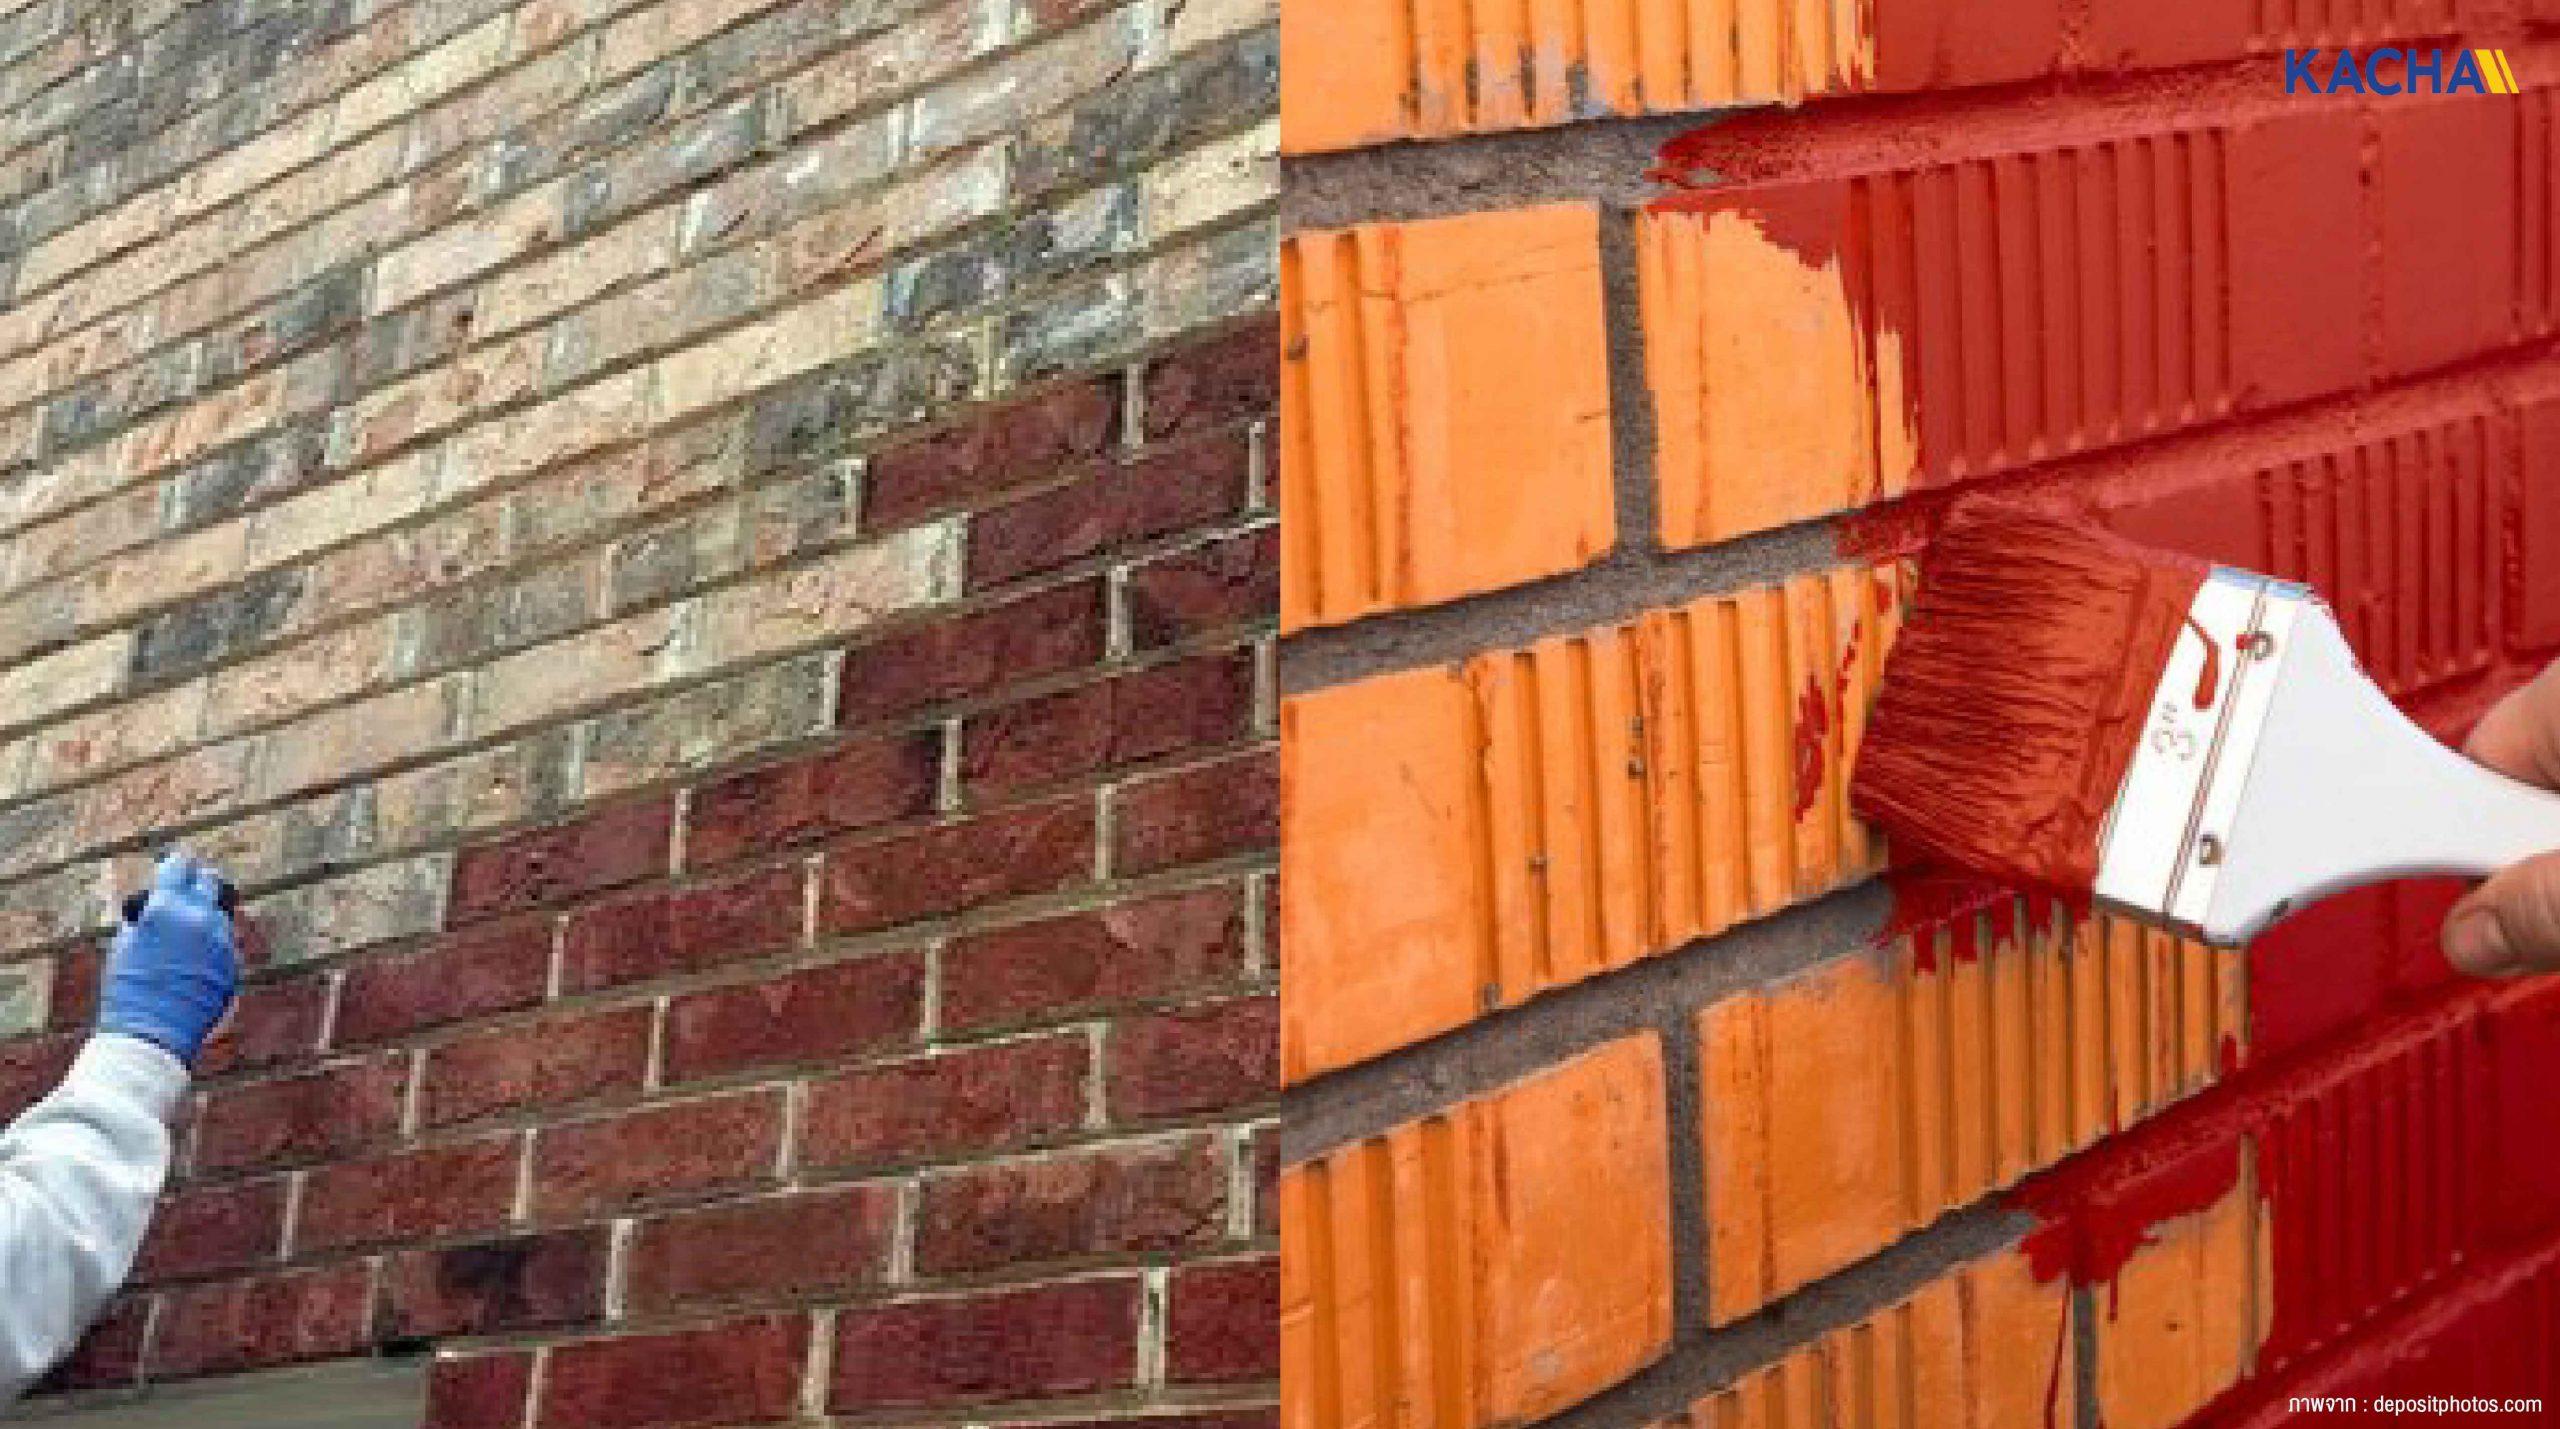 210122-Content-เทคนิค-ทาสีผนังปูน-ผนังบ้าน-สวยนานติดทน-ทำได้ง่ายๆ-03